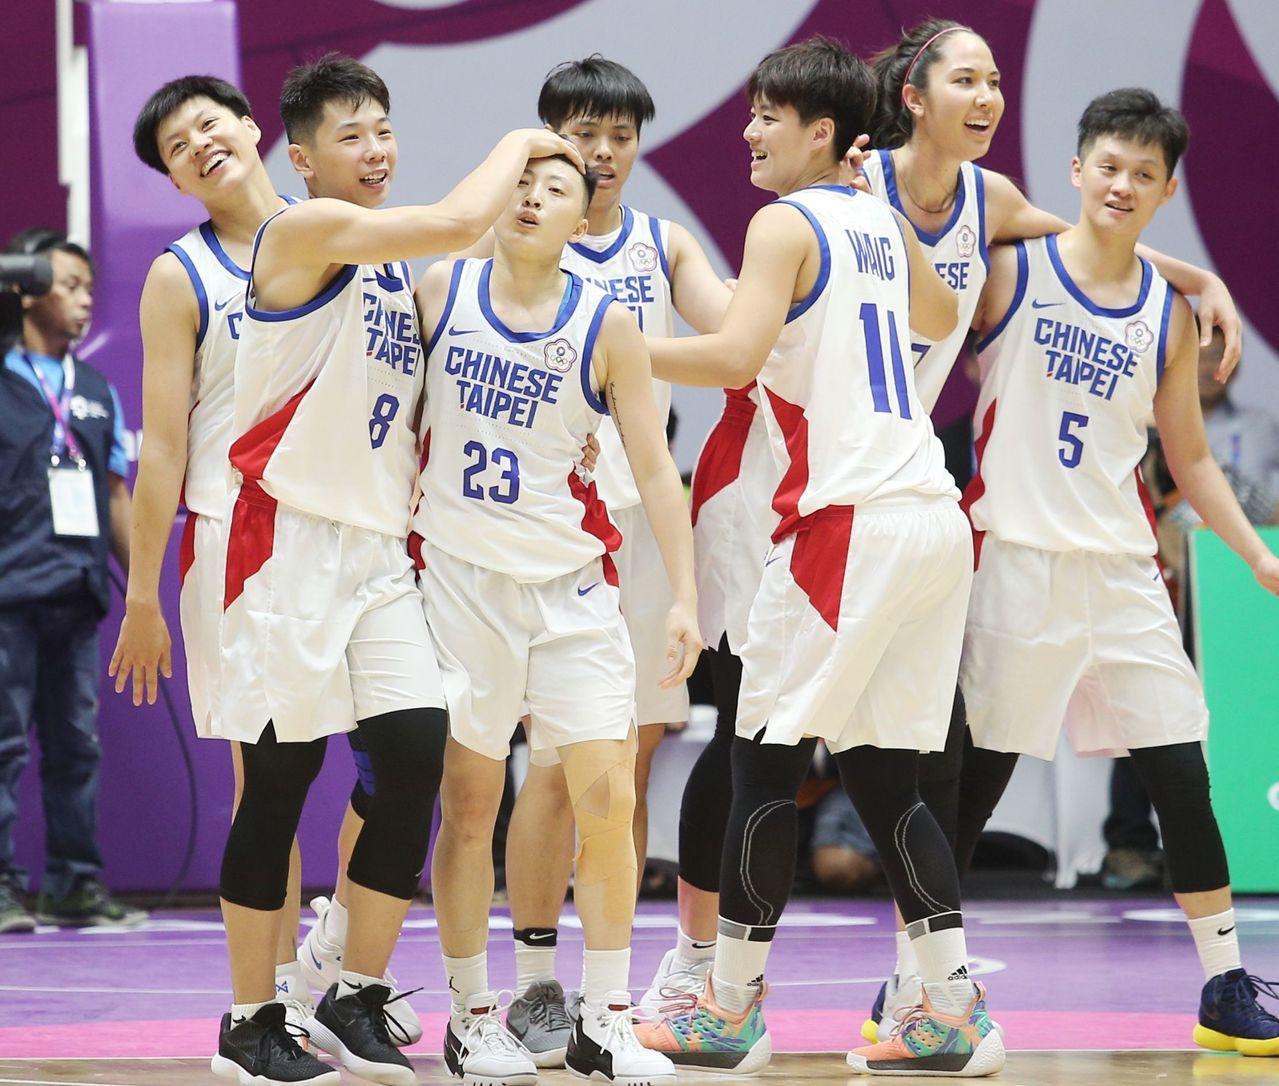 亞運中華女籃隊球員大舉西進,12人有8人新球季都將在WCBA征戰。圖/報系資料照